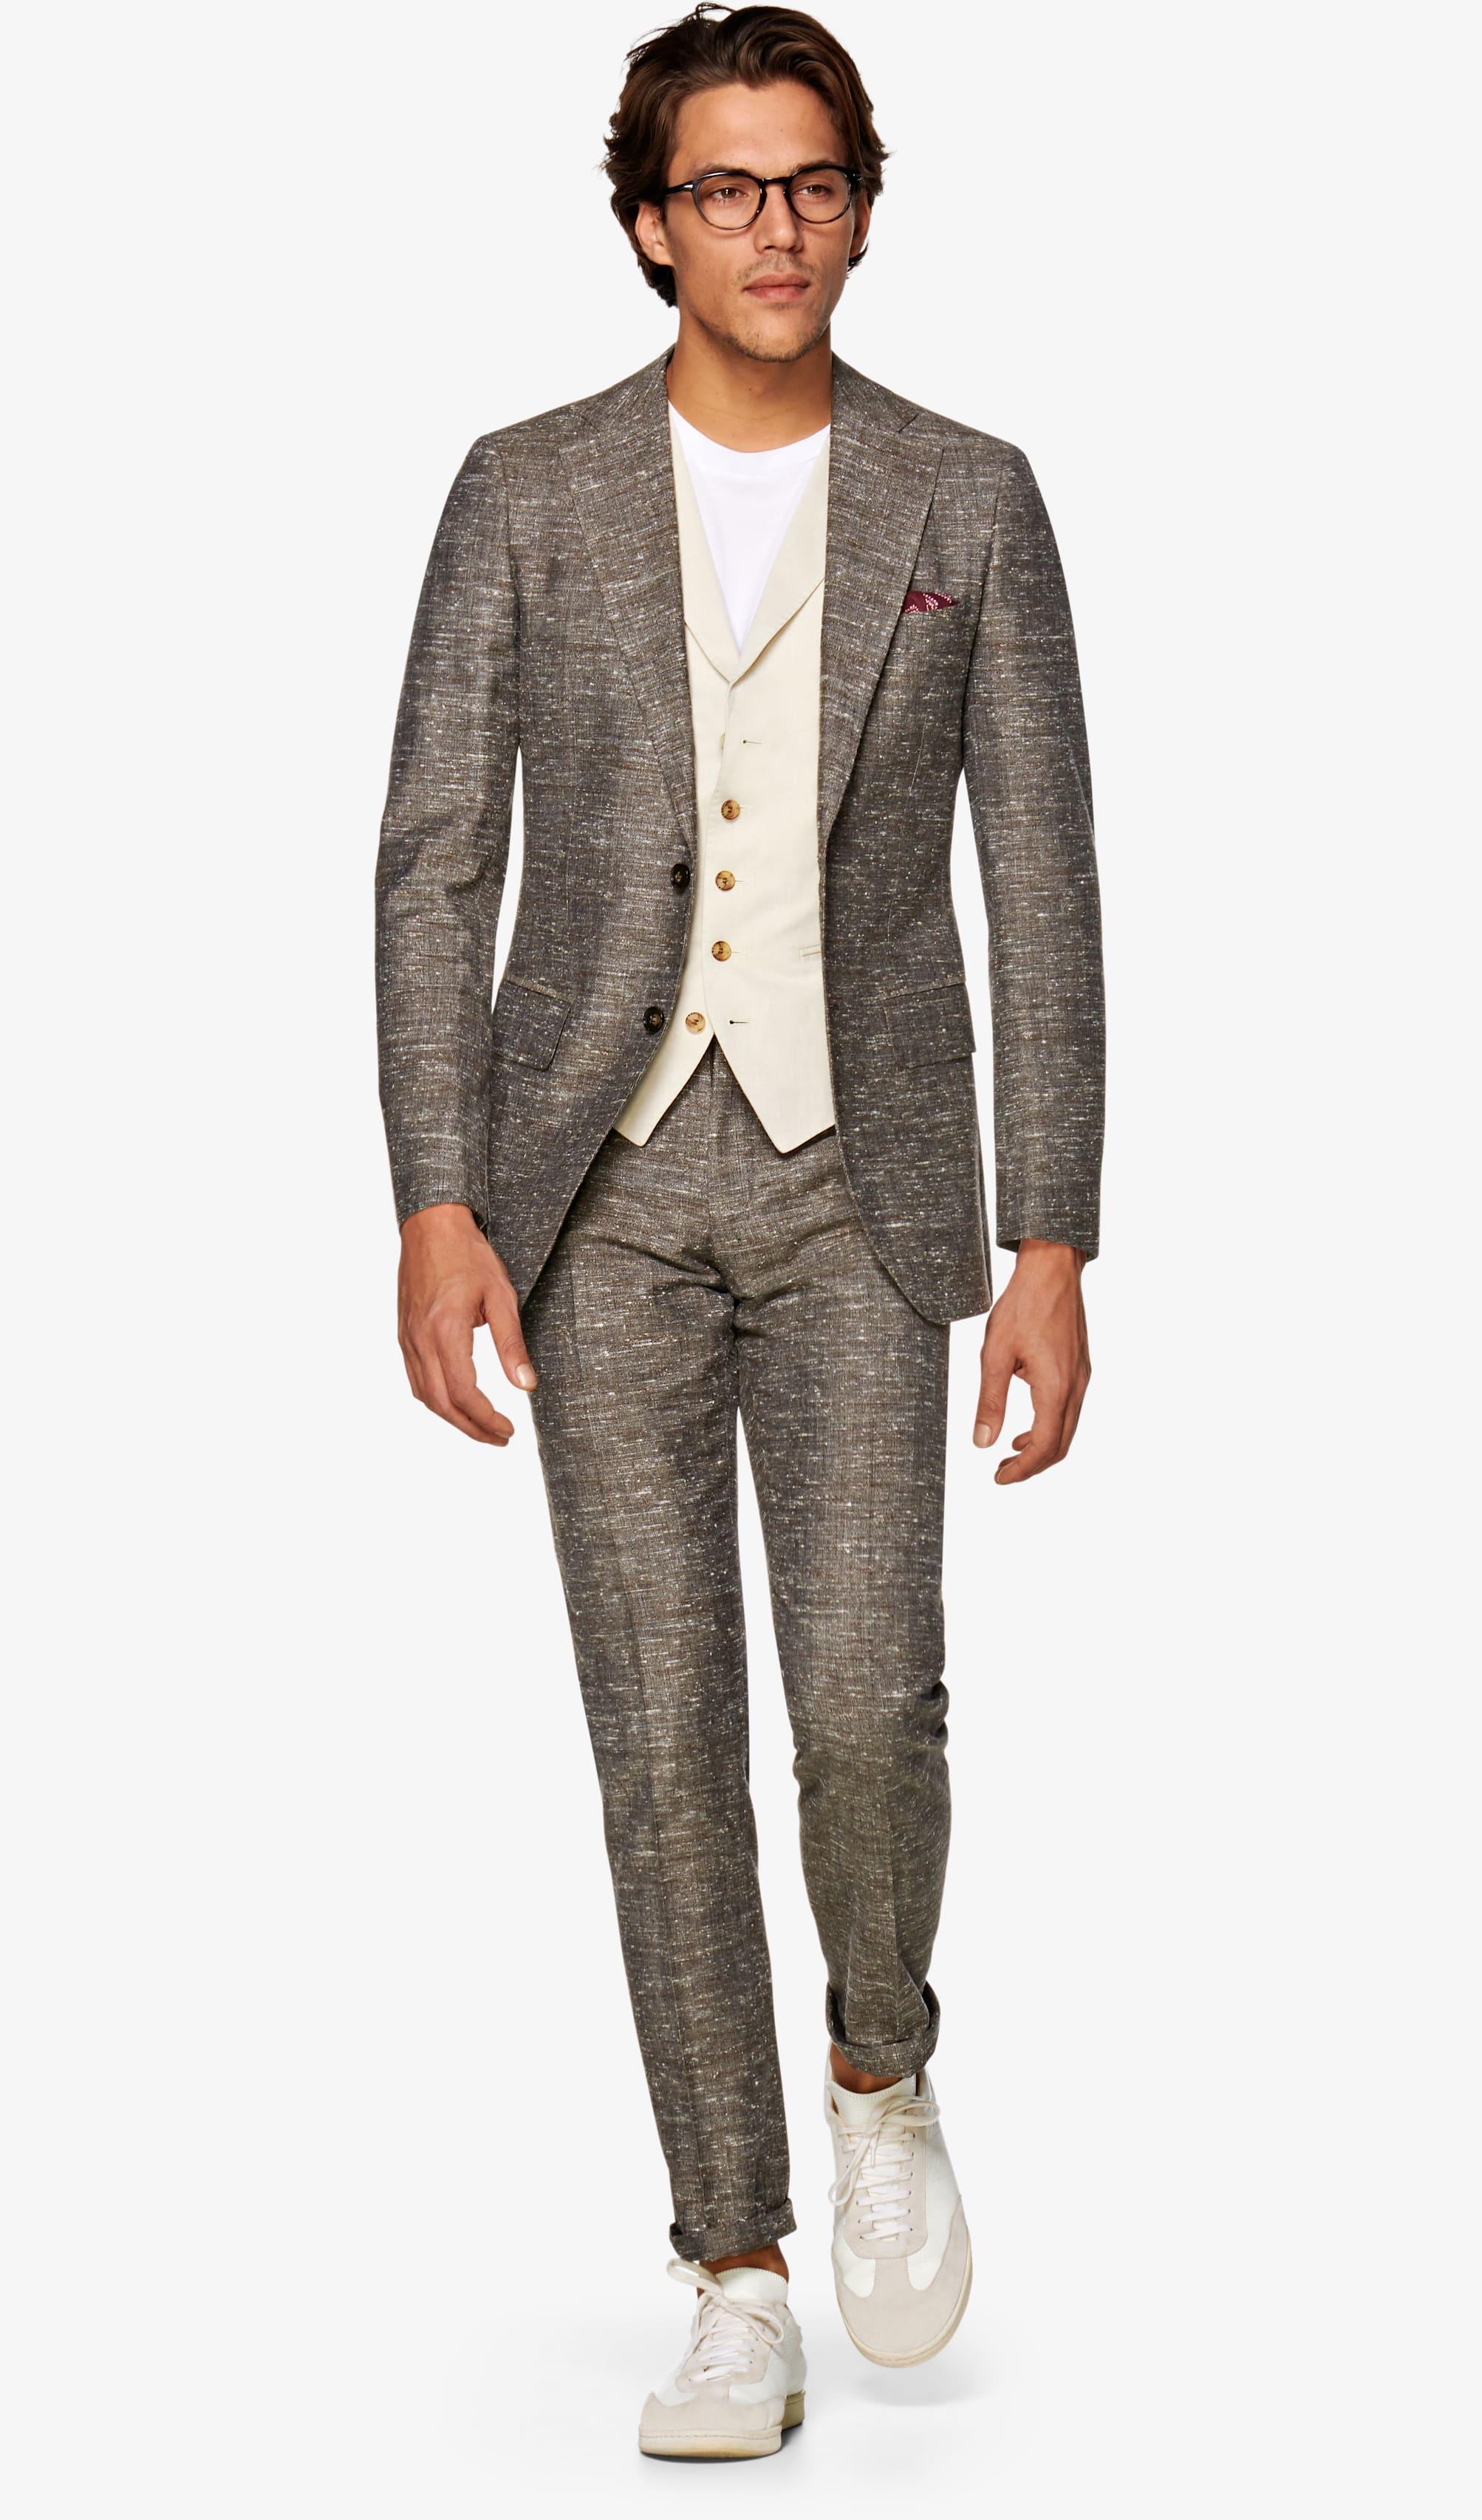 Suit_Brown_Plain_Lazio_P5730I